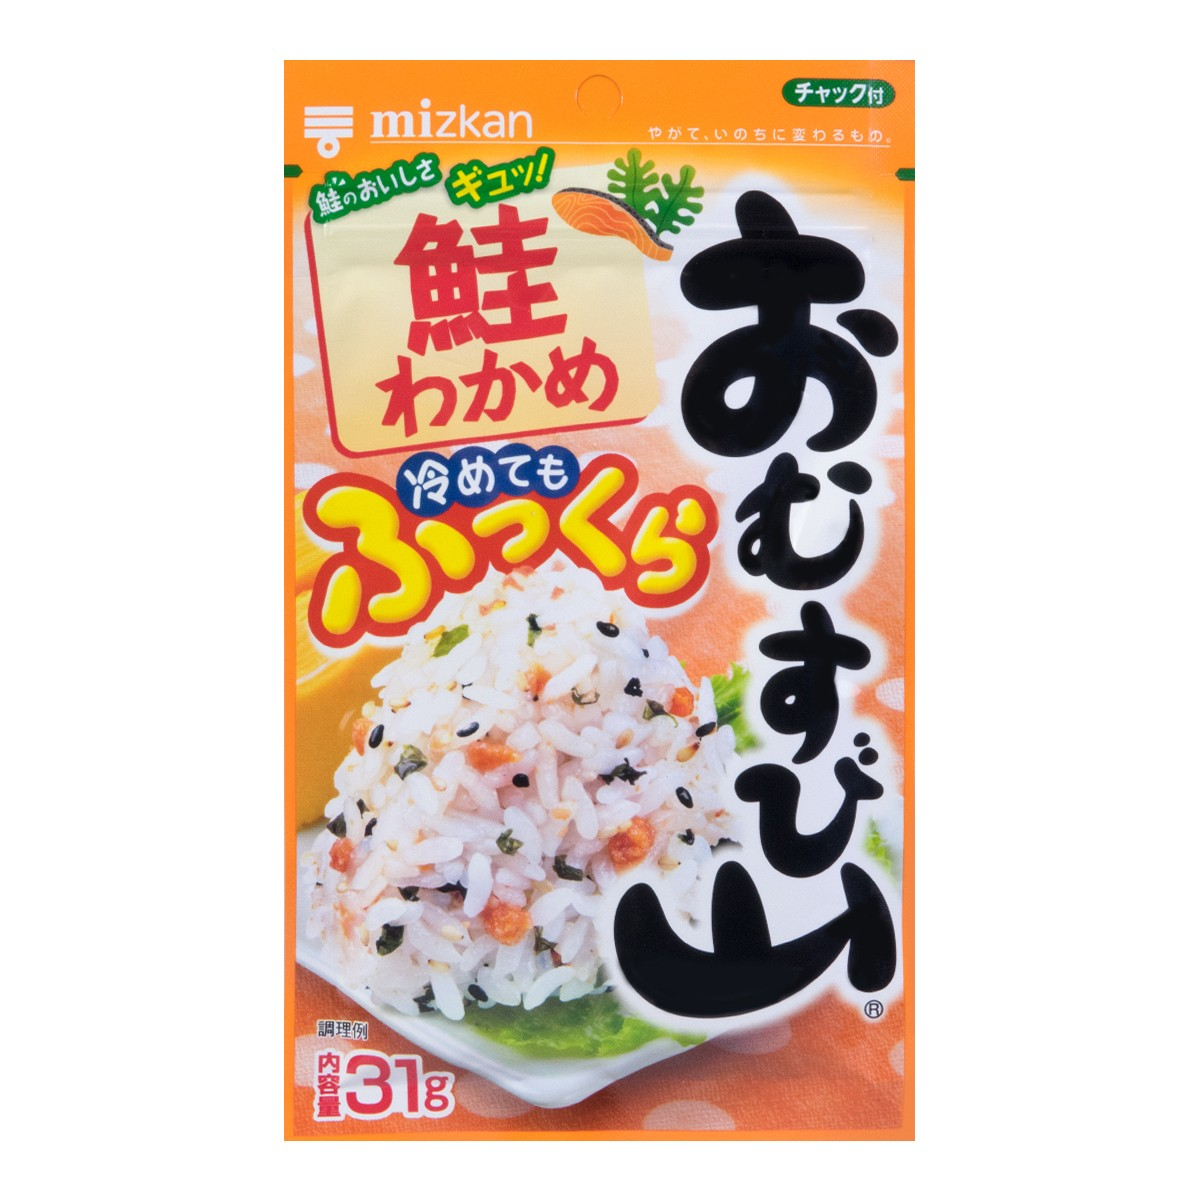 MIZKAN Dry Seasoning mix Omusubi Yama Sake Wakame 31g